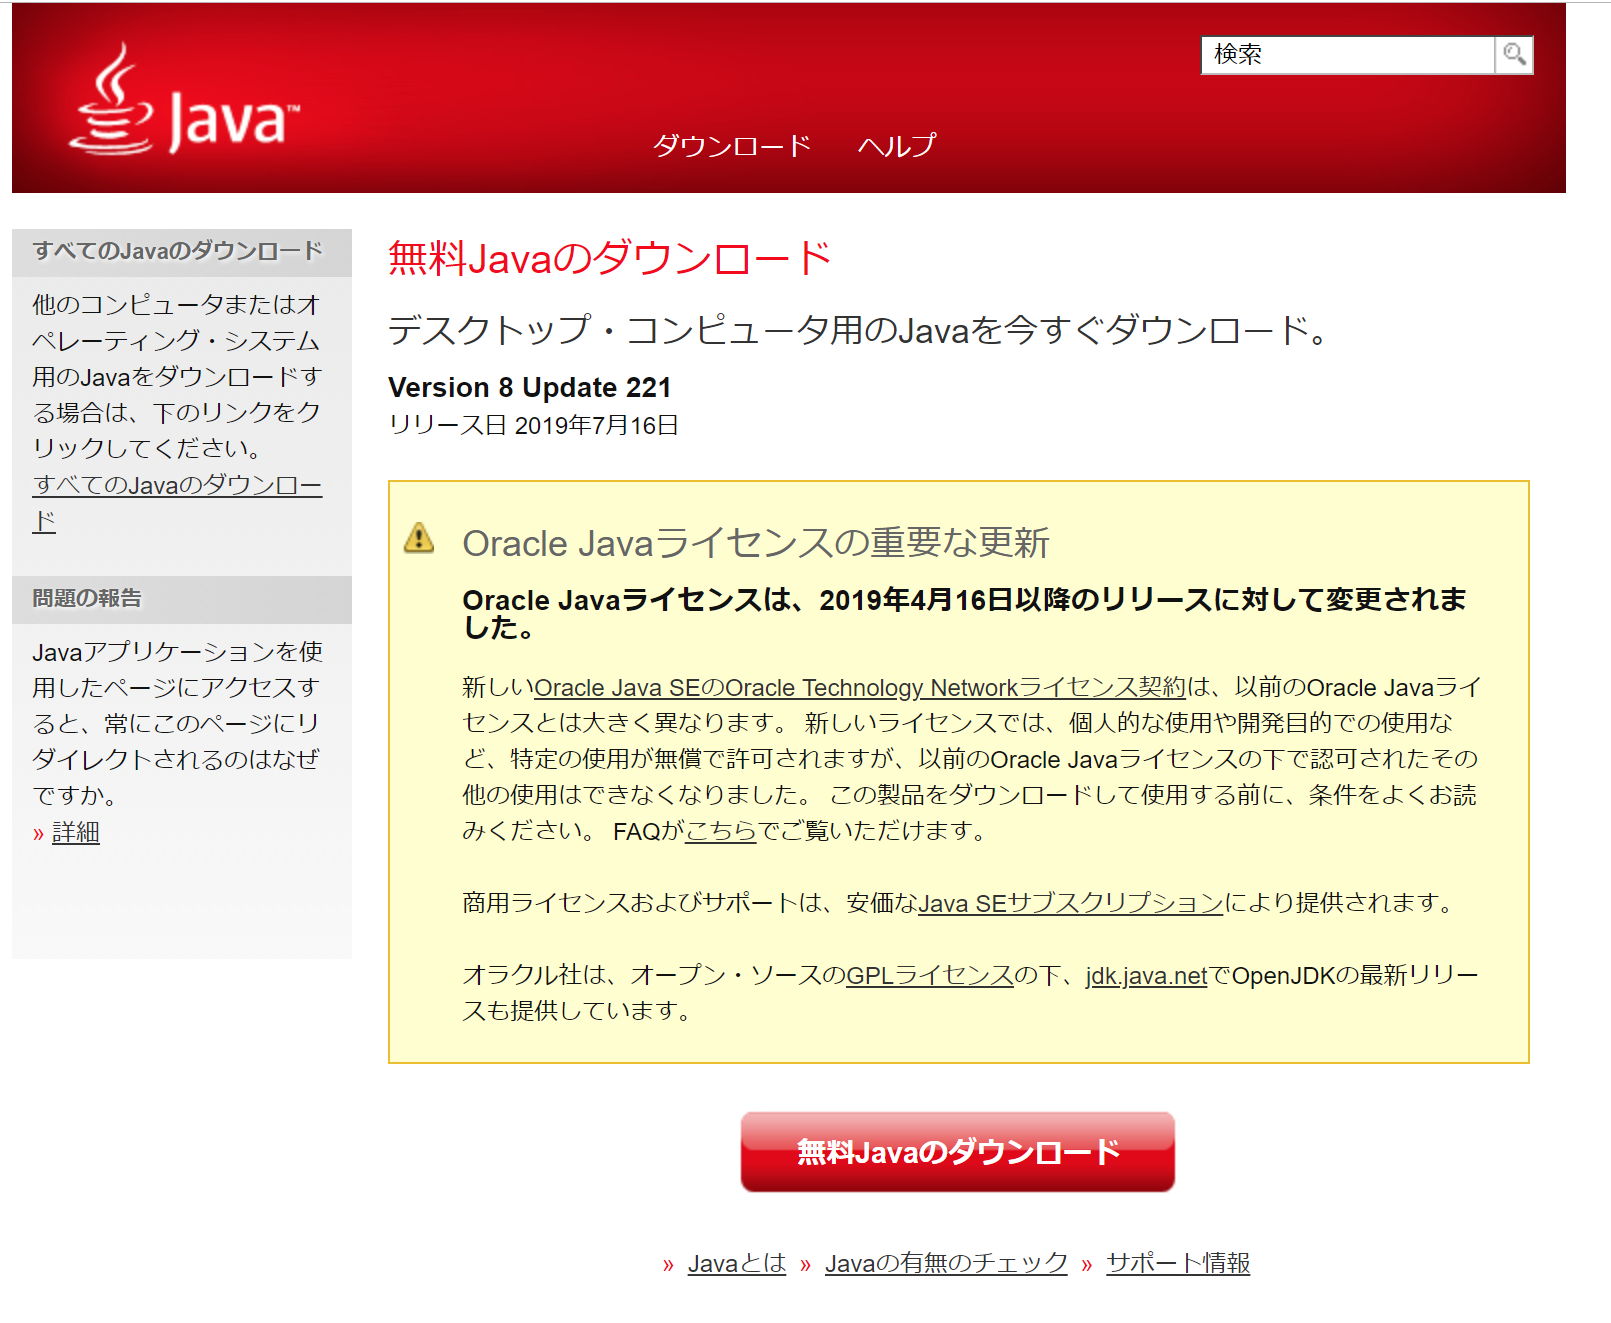 最新Javaダウンロード